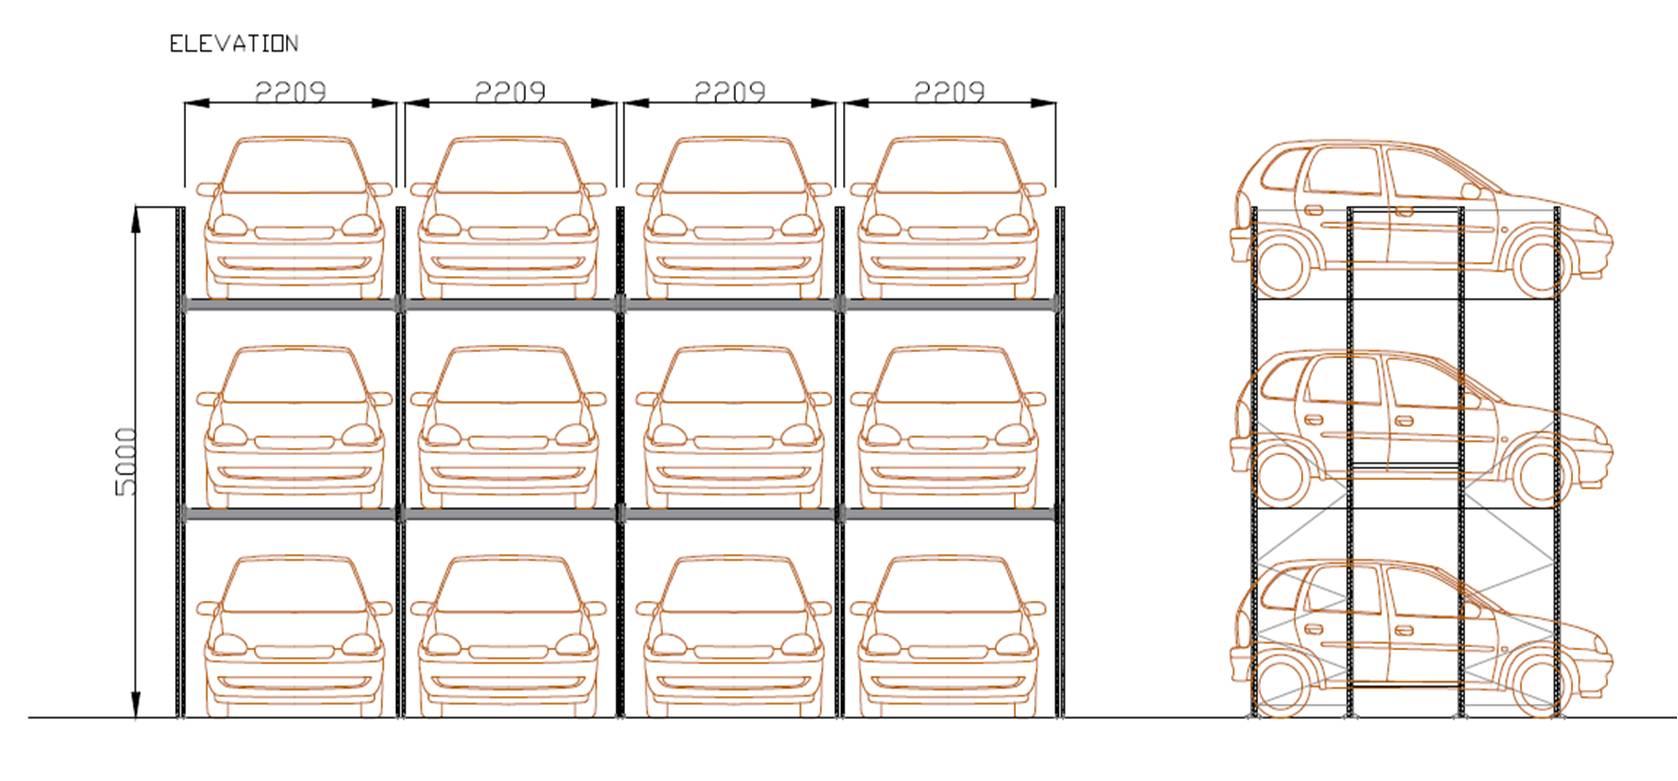 Schéma rayonnage voitures